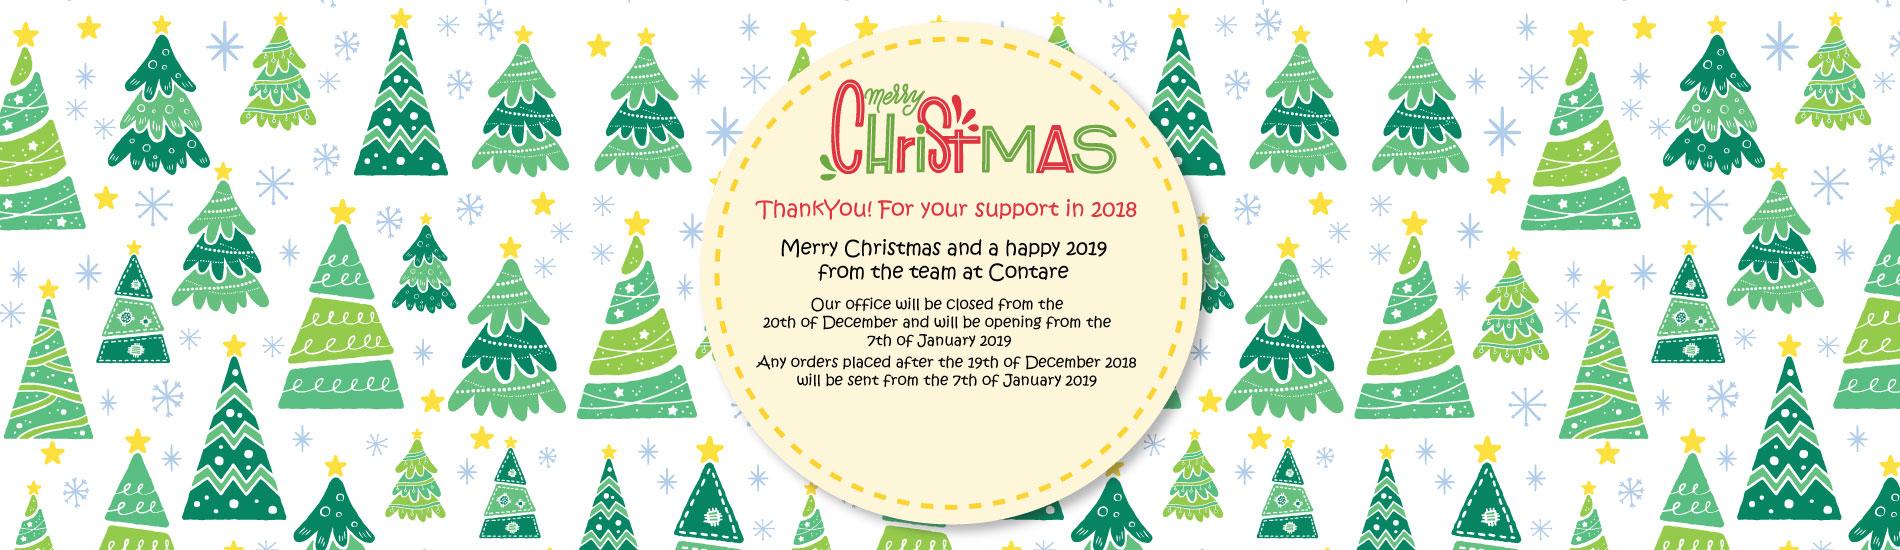 Christmas-2018-Banner-website